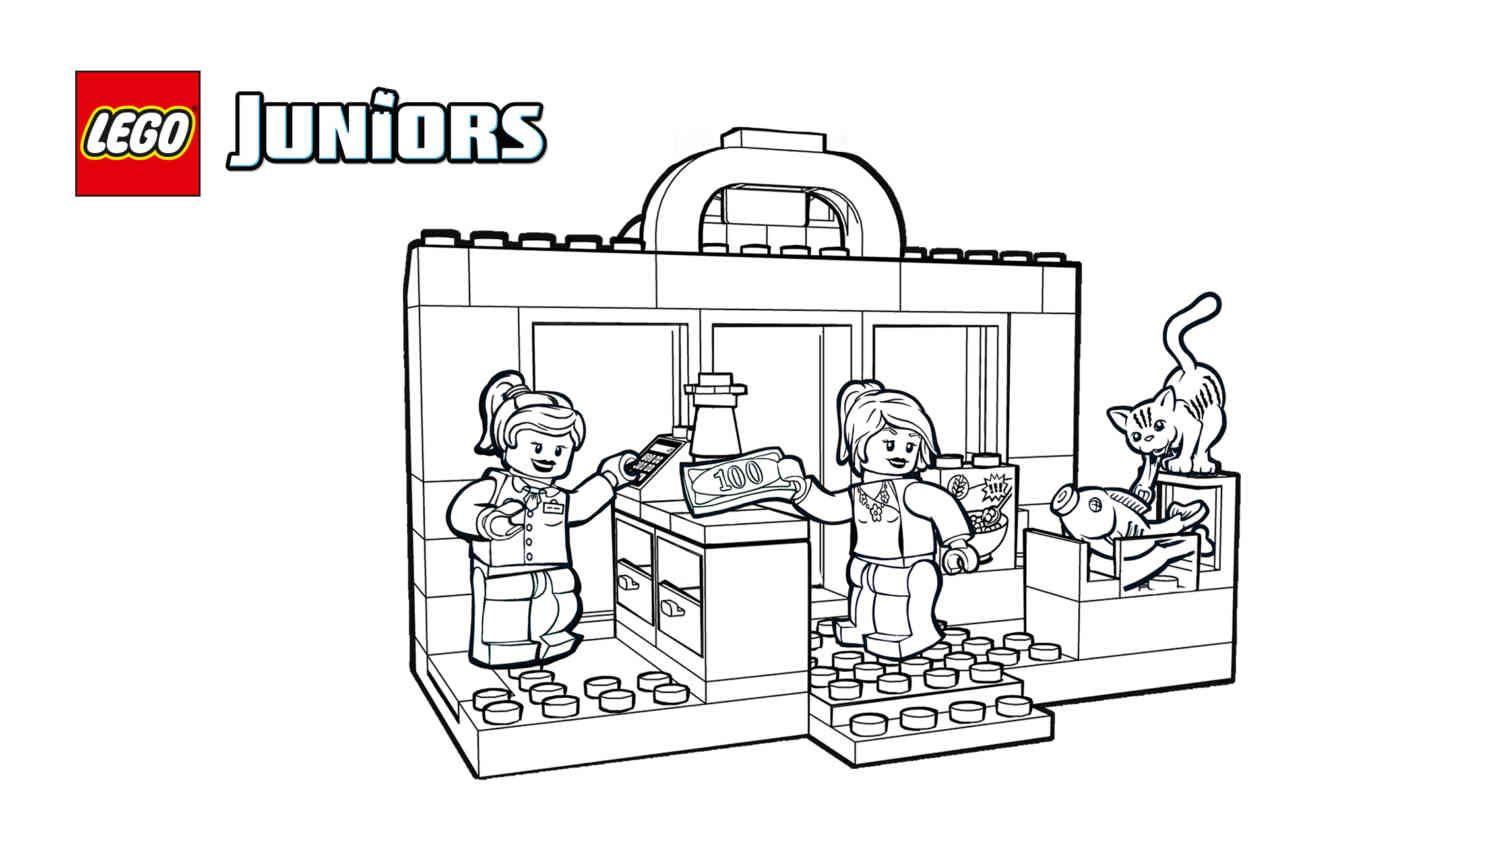 Cool Lego Sets